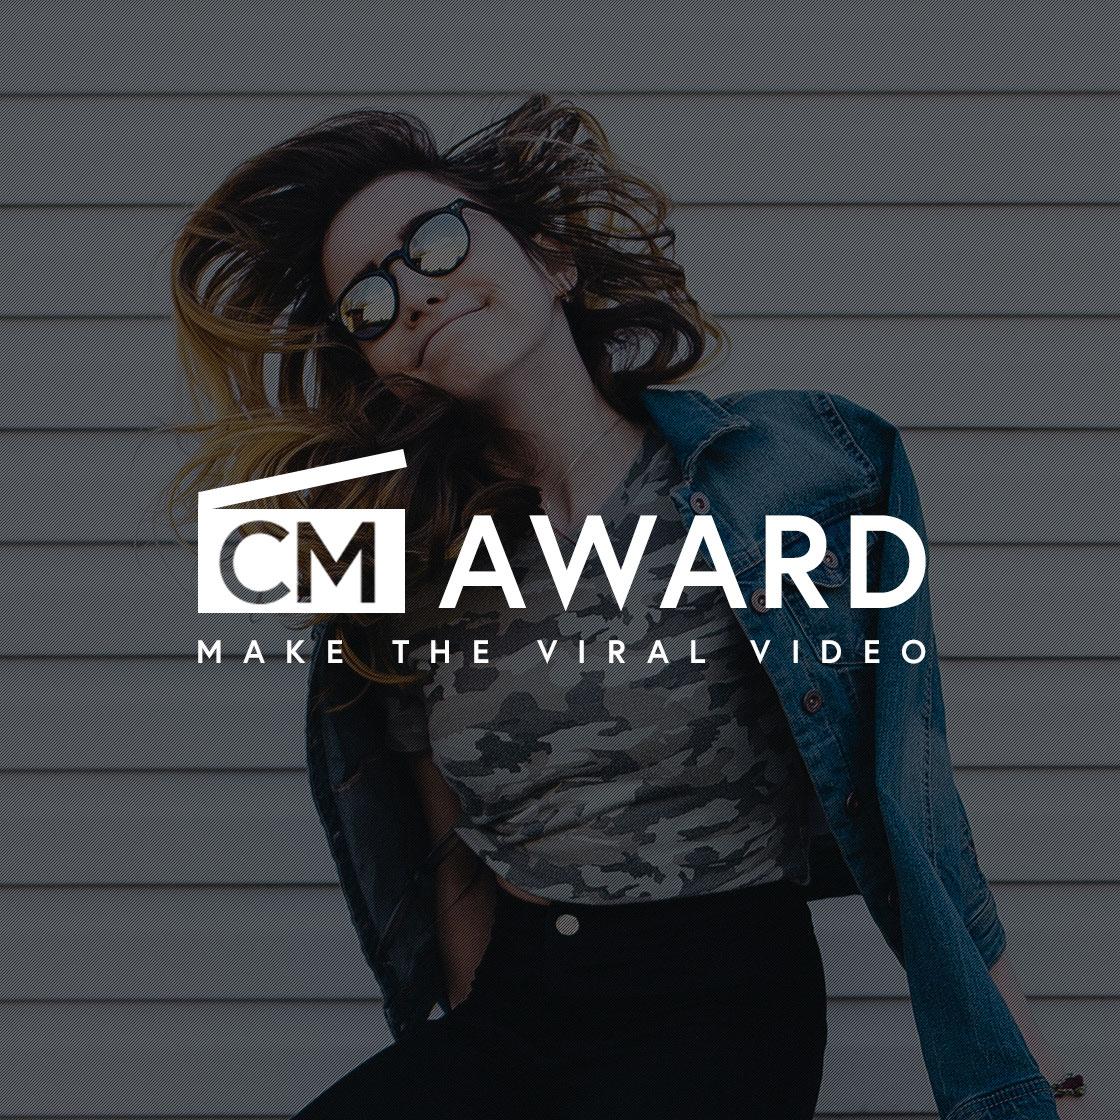 CM AWARD